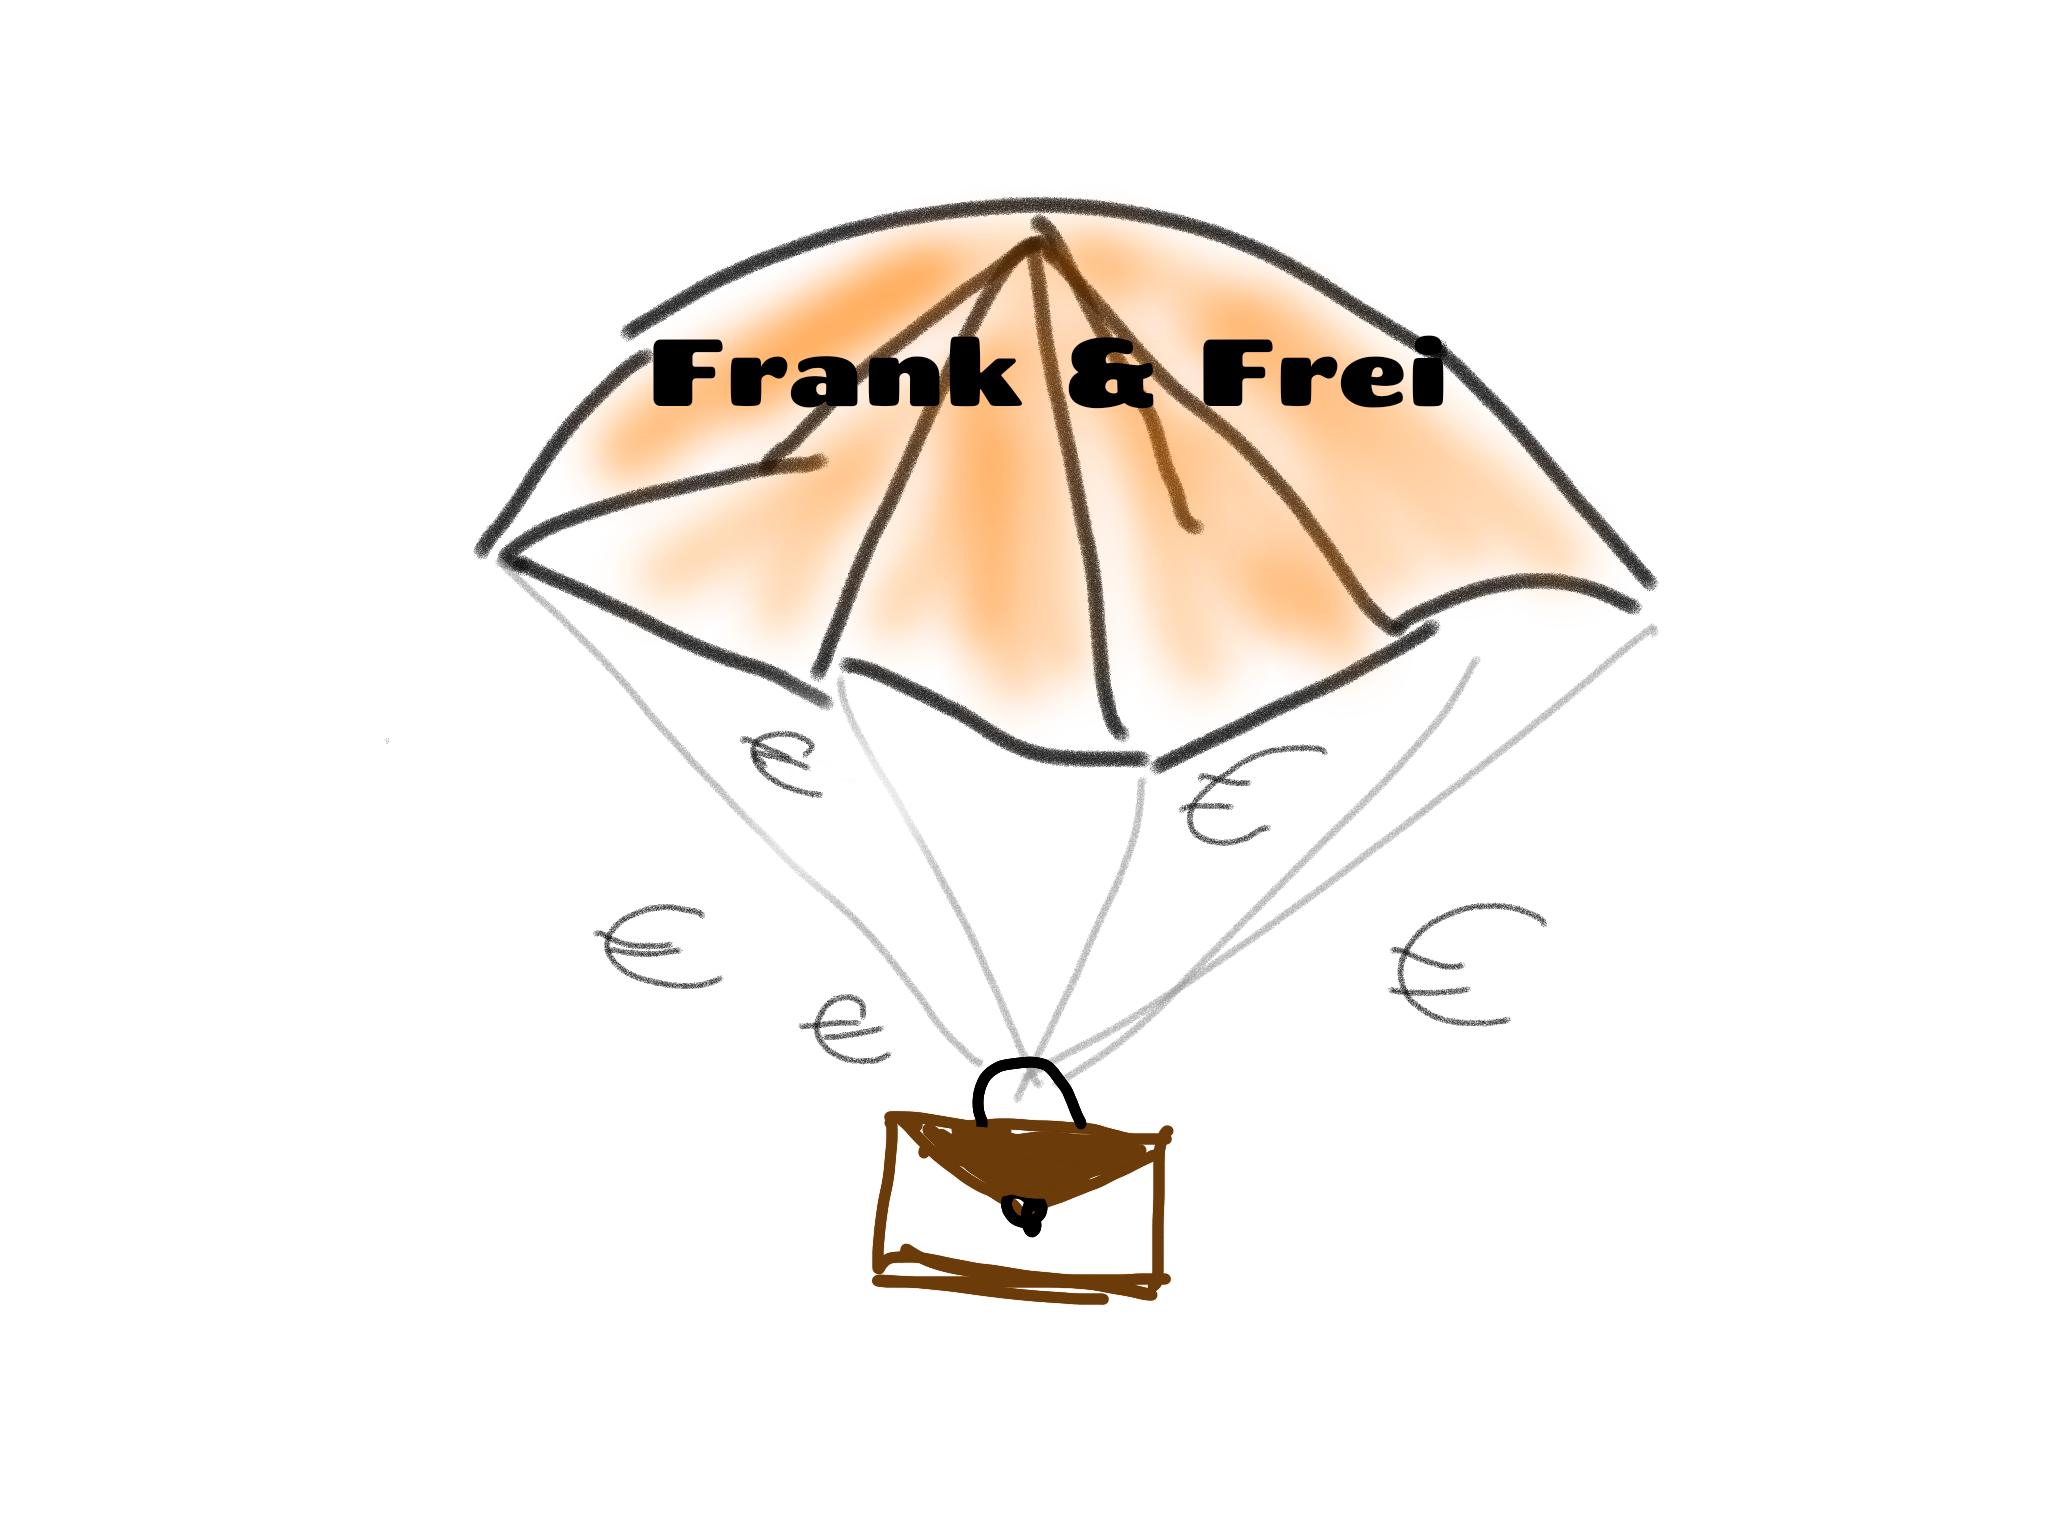 Frank Frei Die Wahrheit über S Freiberufler Dasein